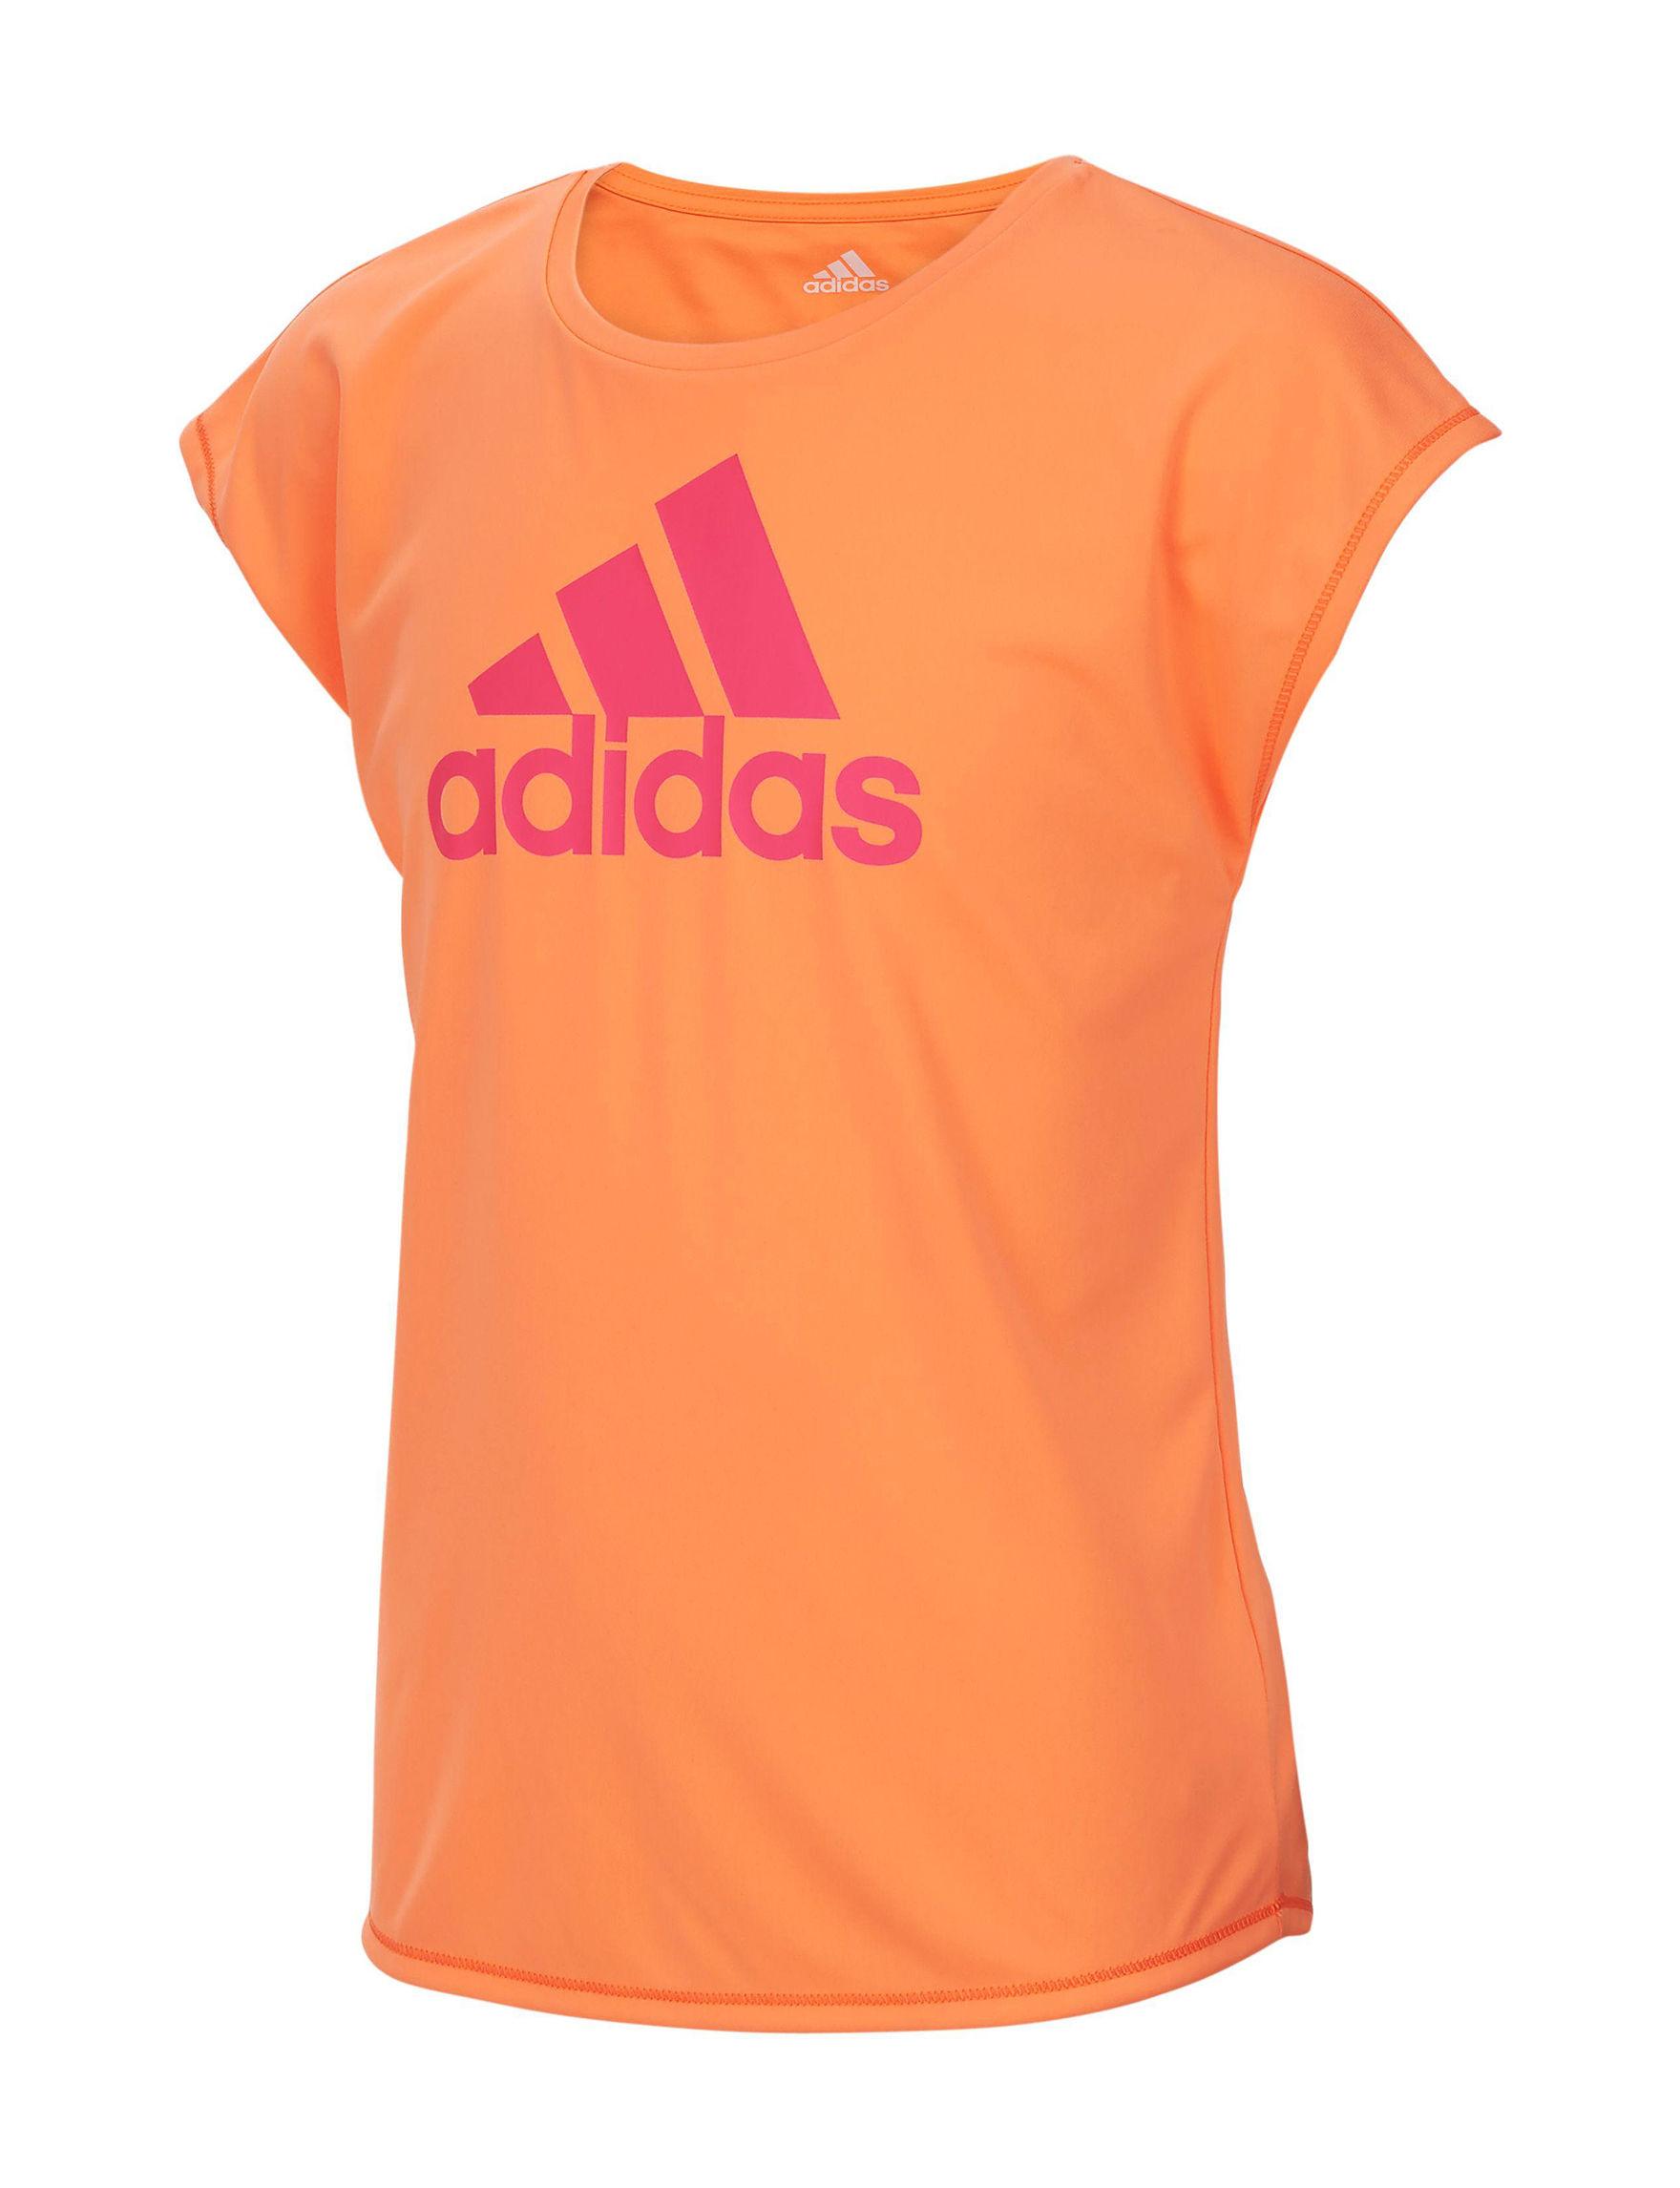 Adidas Orange Tees & Tanks